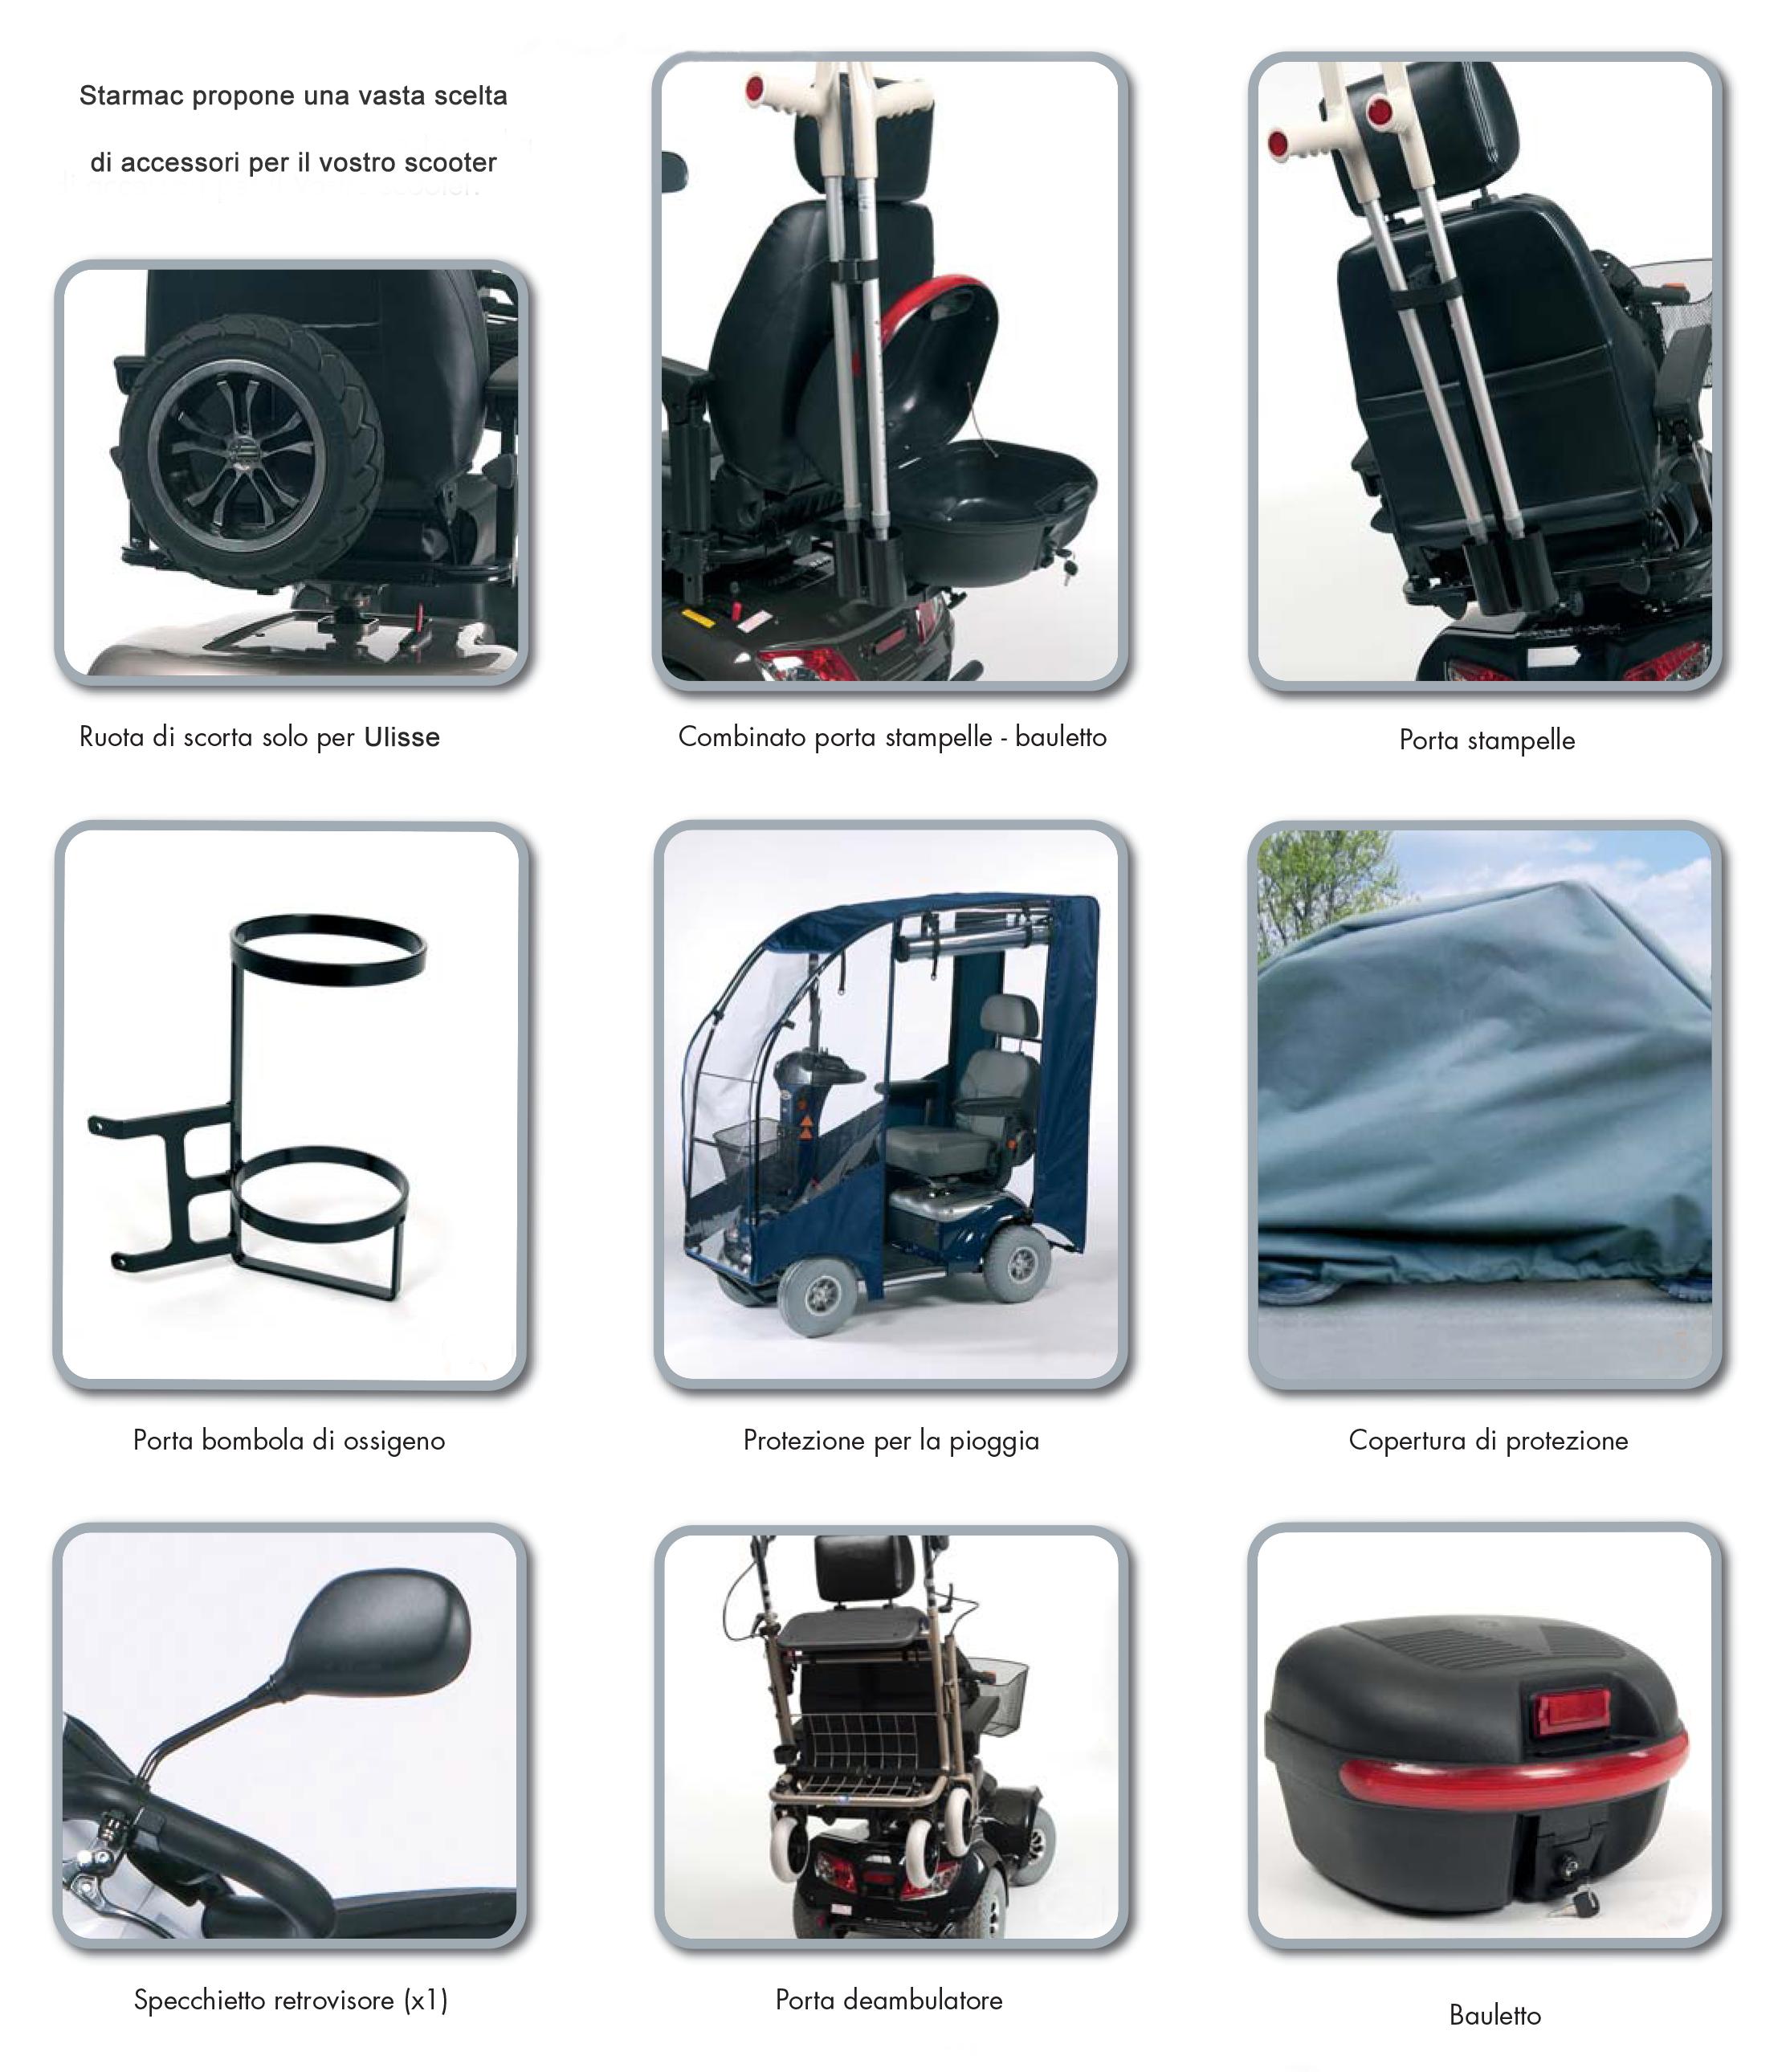 accessori-scooter-Starmac